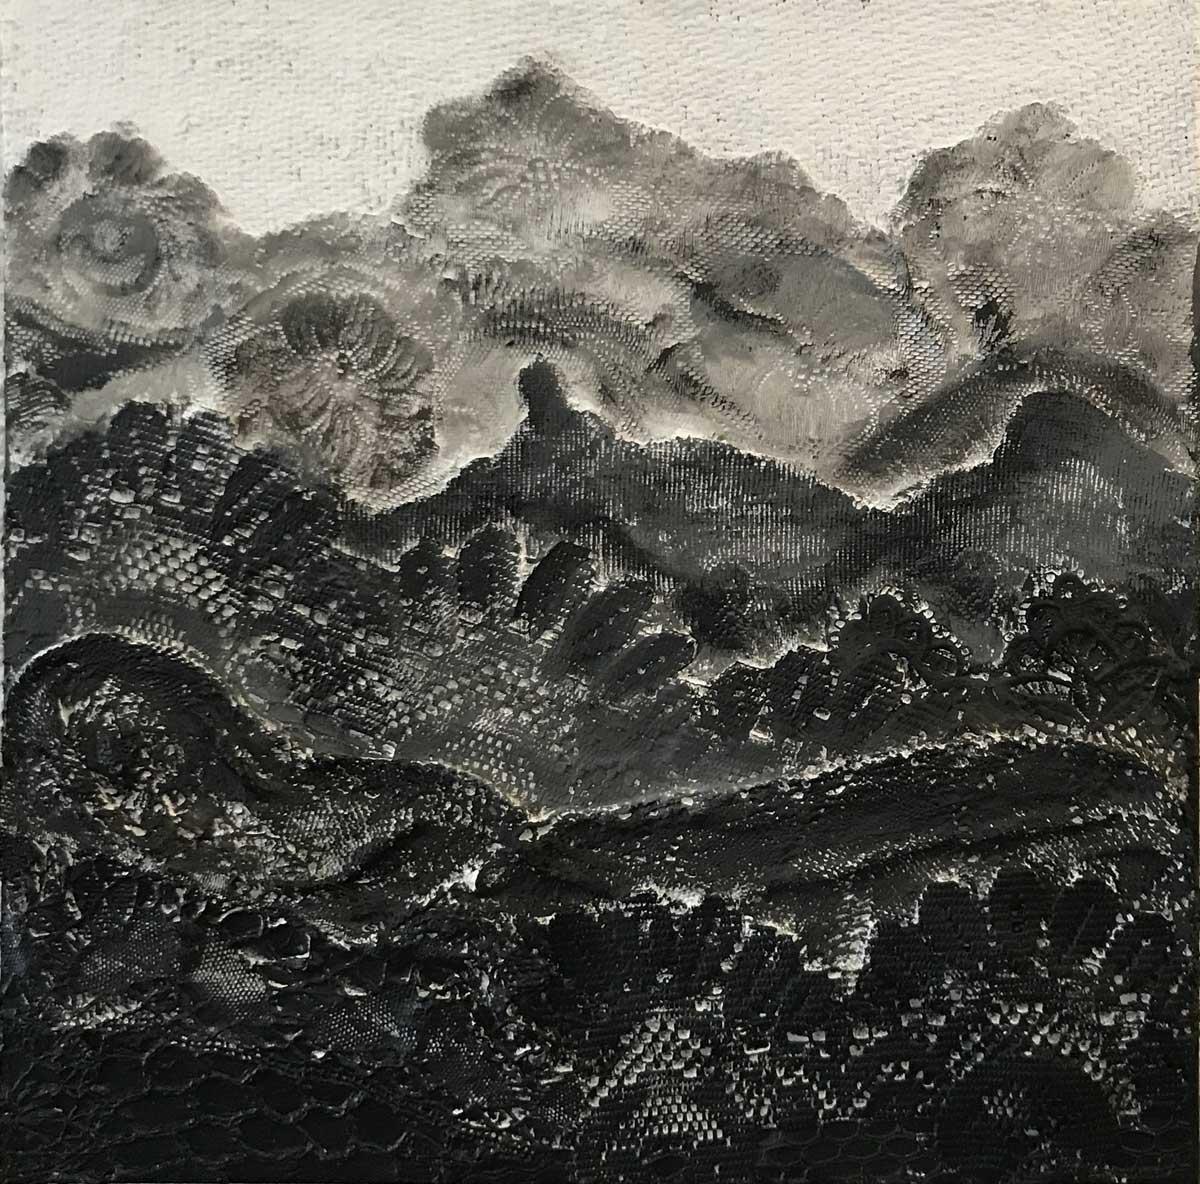 """Werk von Horst Kießling - Titel: """"Alles Spitze!"""" - Technik: Mischttechnik / Collage - Größe: 50 x 50 cm"""